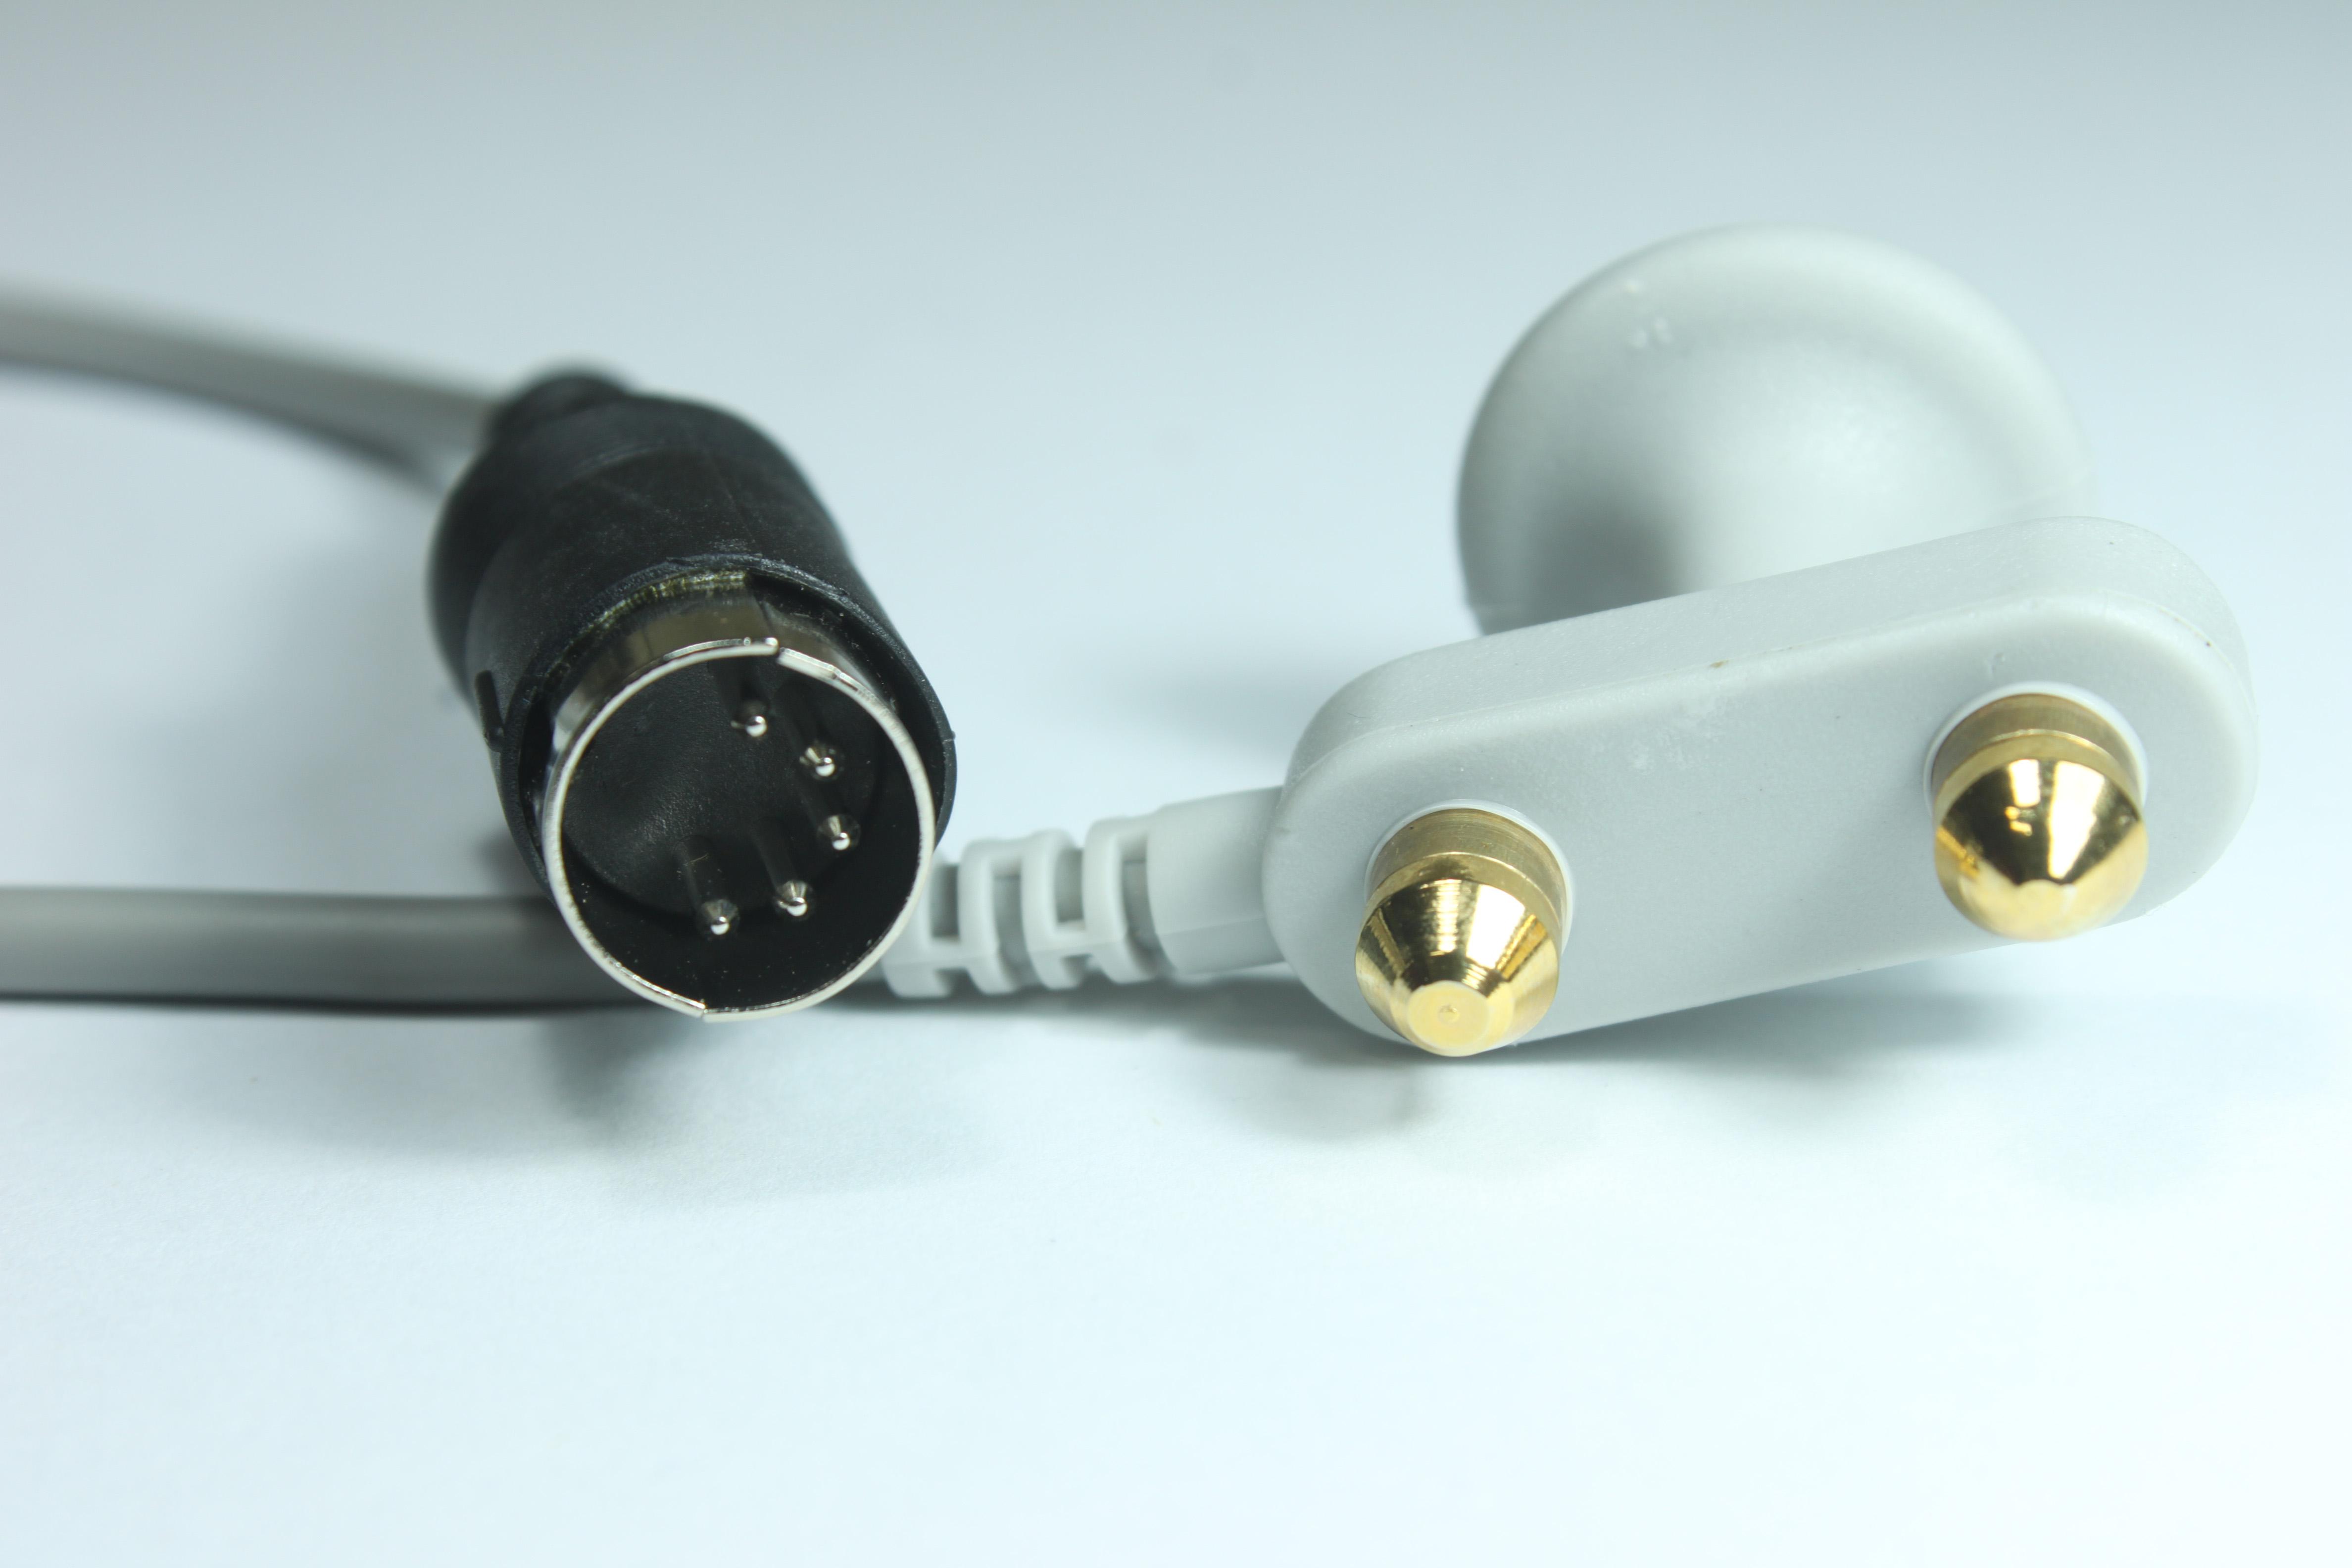 EMG Accessories | Negar Andishgan Co. Ltd.